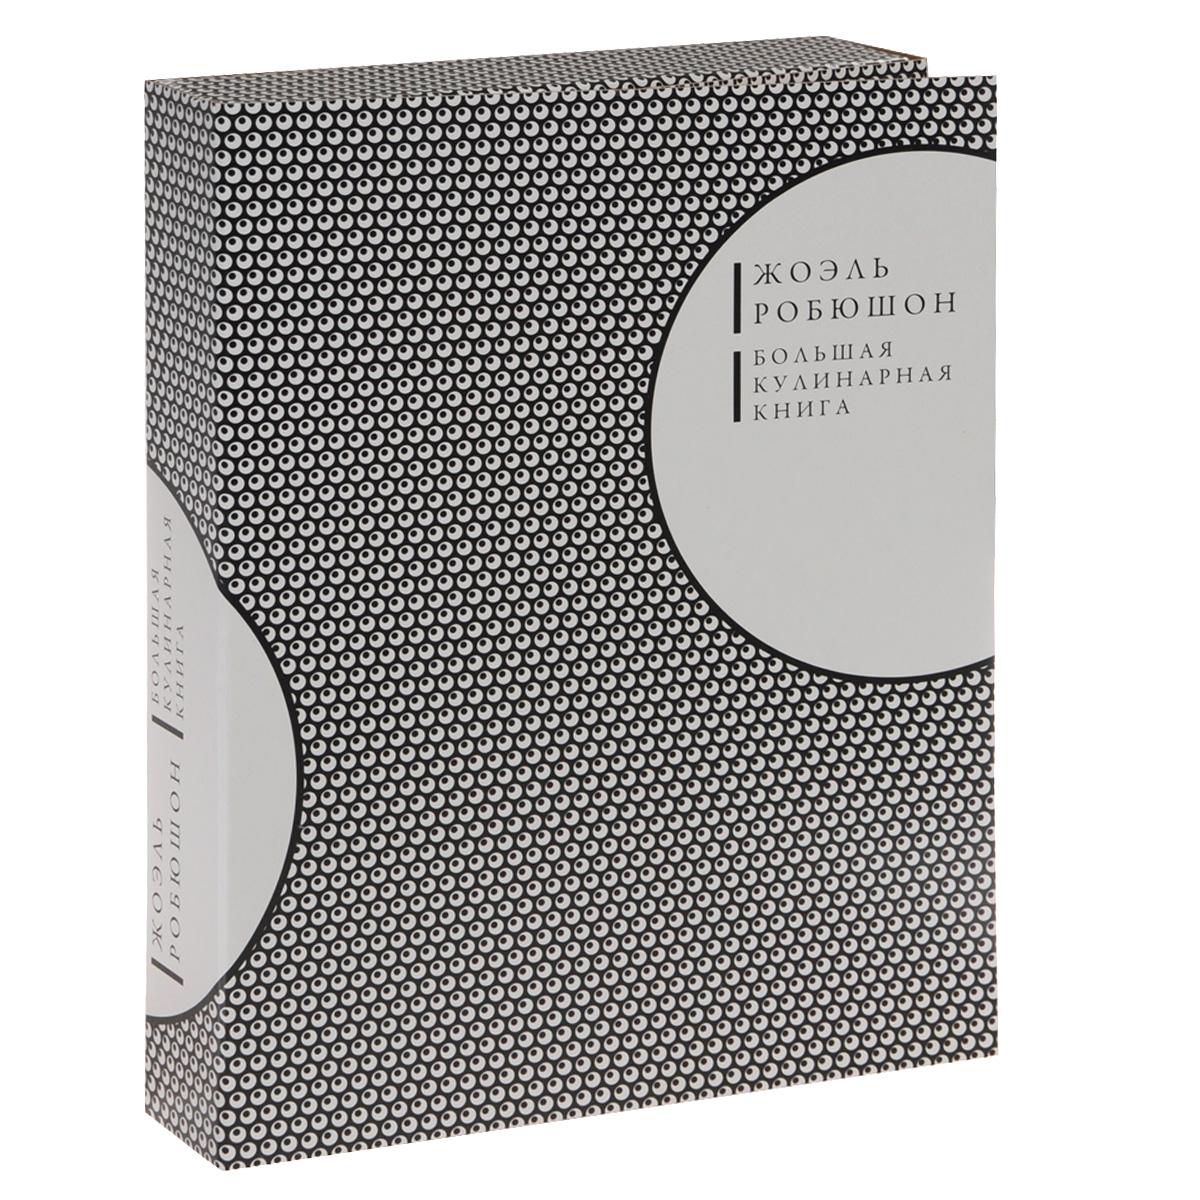 Большая кулинарная книга, Жоэль Робюшон